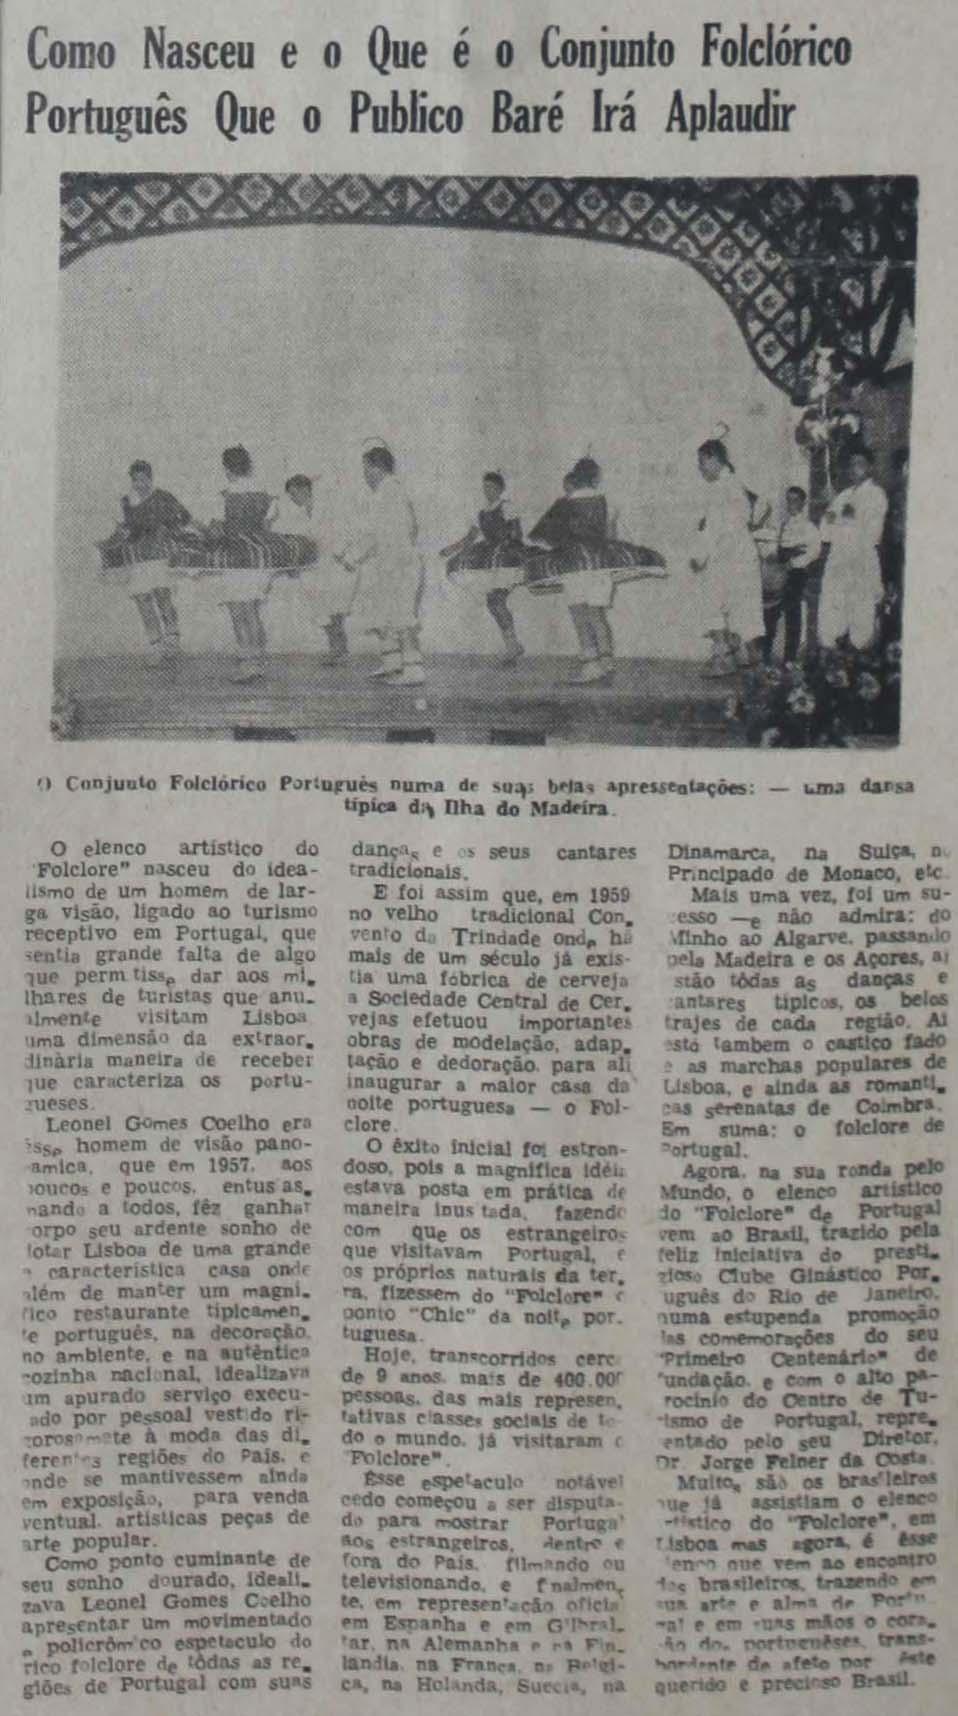 Apresentação do Grupo Folclórico Português